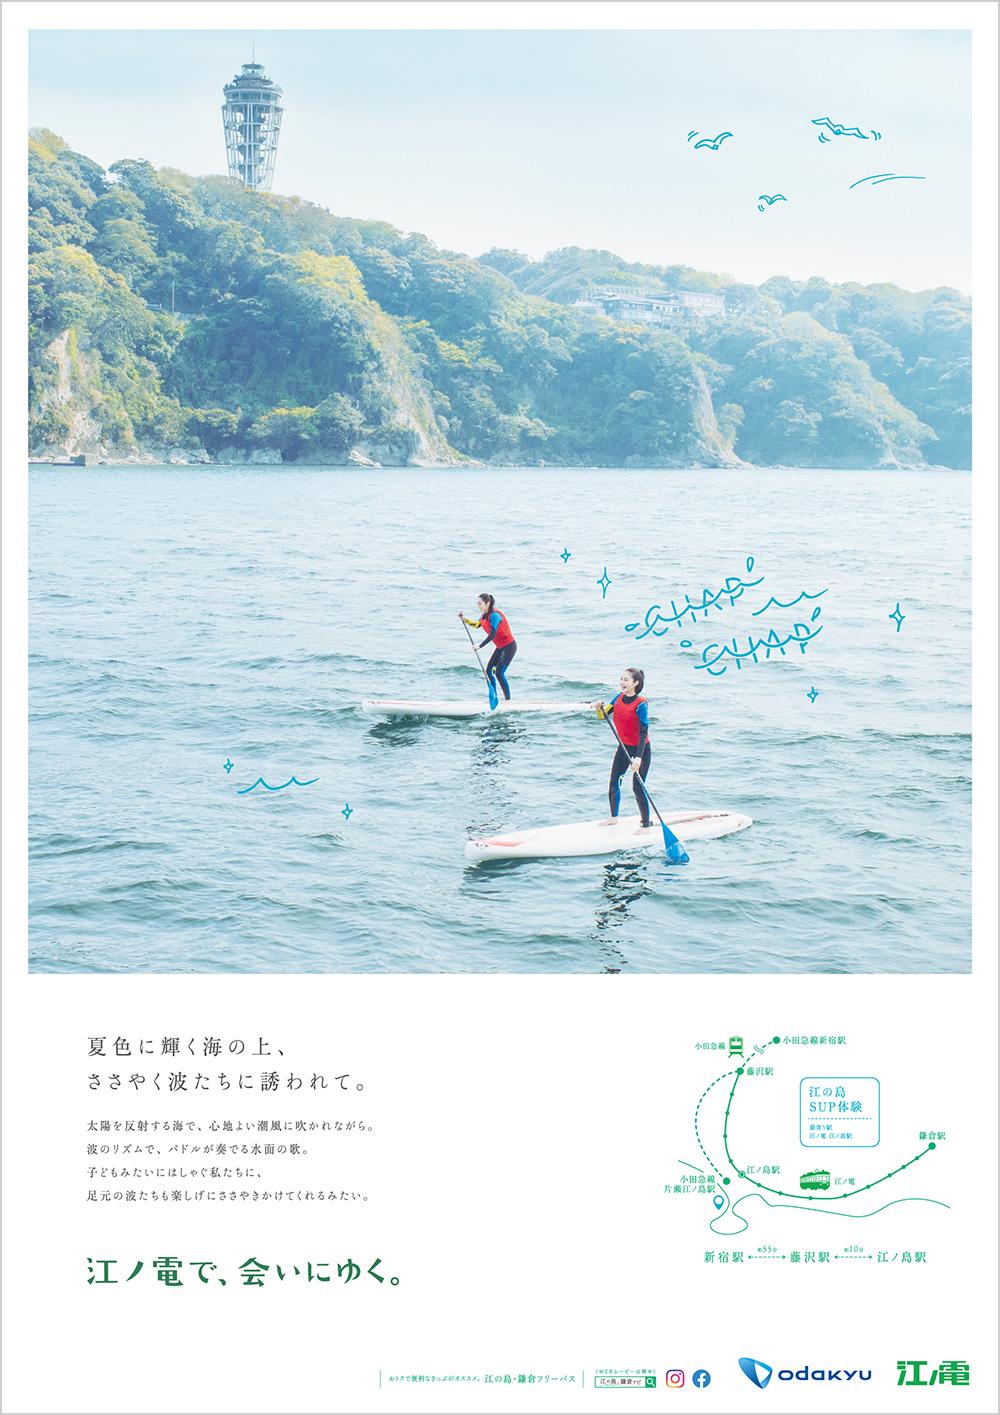 「江ノ電で、会いにゆく。」プロモーションキャンペーン第5弾